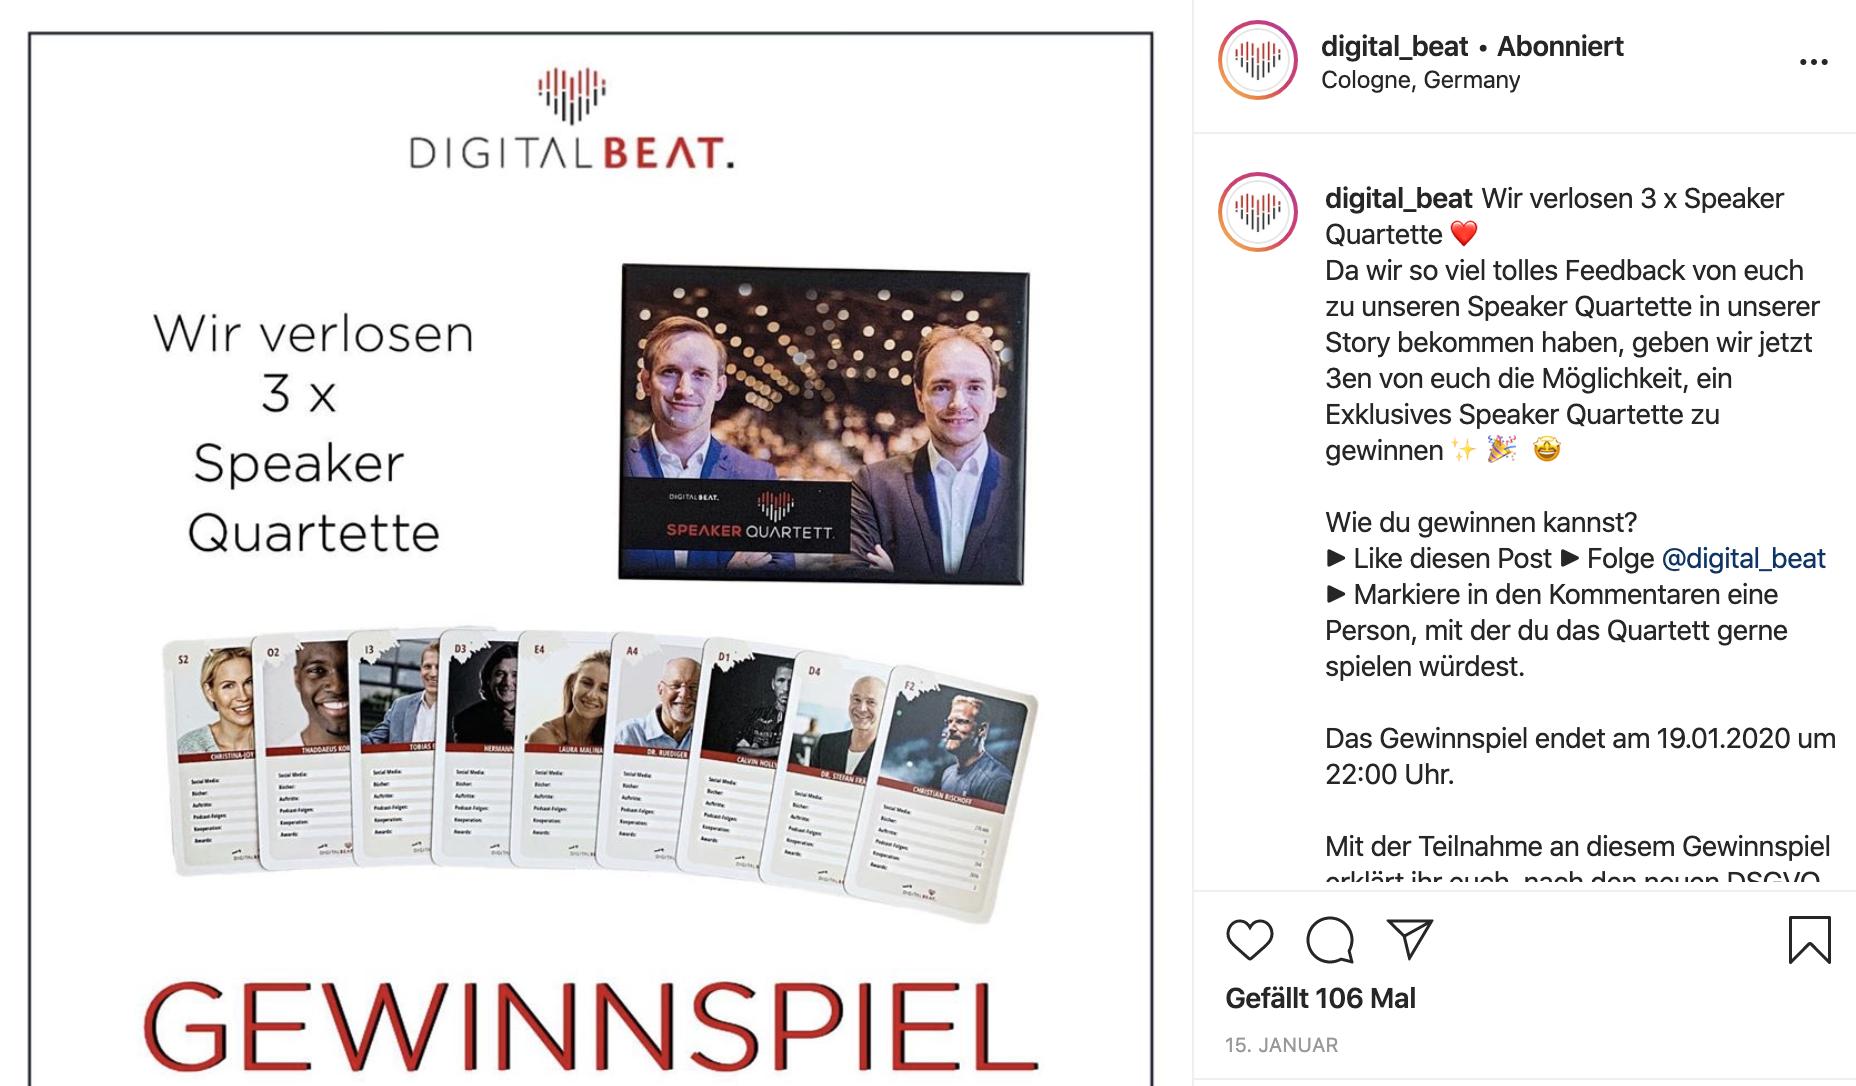 Gewinnspiele helfen dir, mehr Instagram-Follower zu bekommen